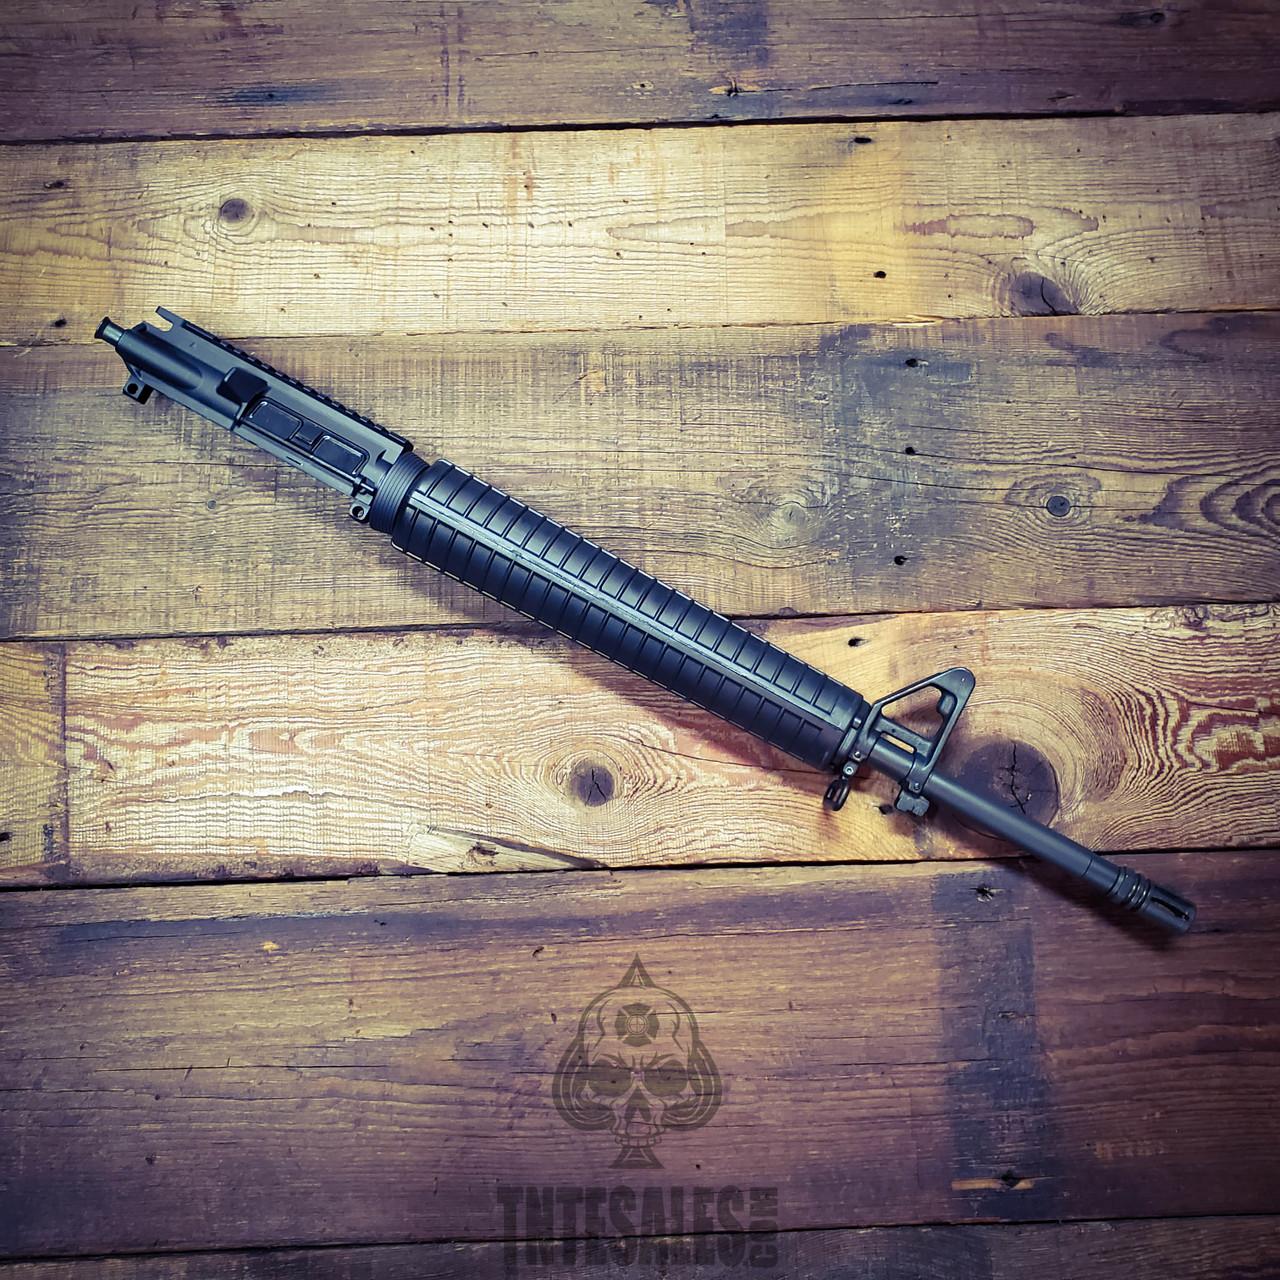 M-16 4150 1/7 DMR HBAR Upper